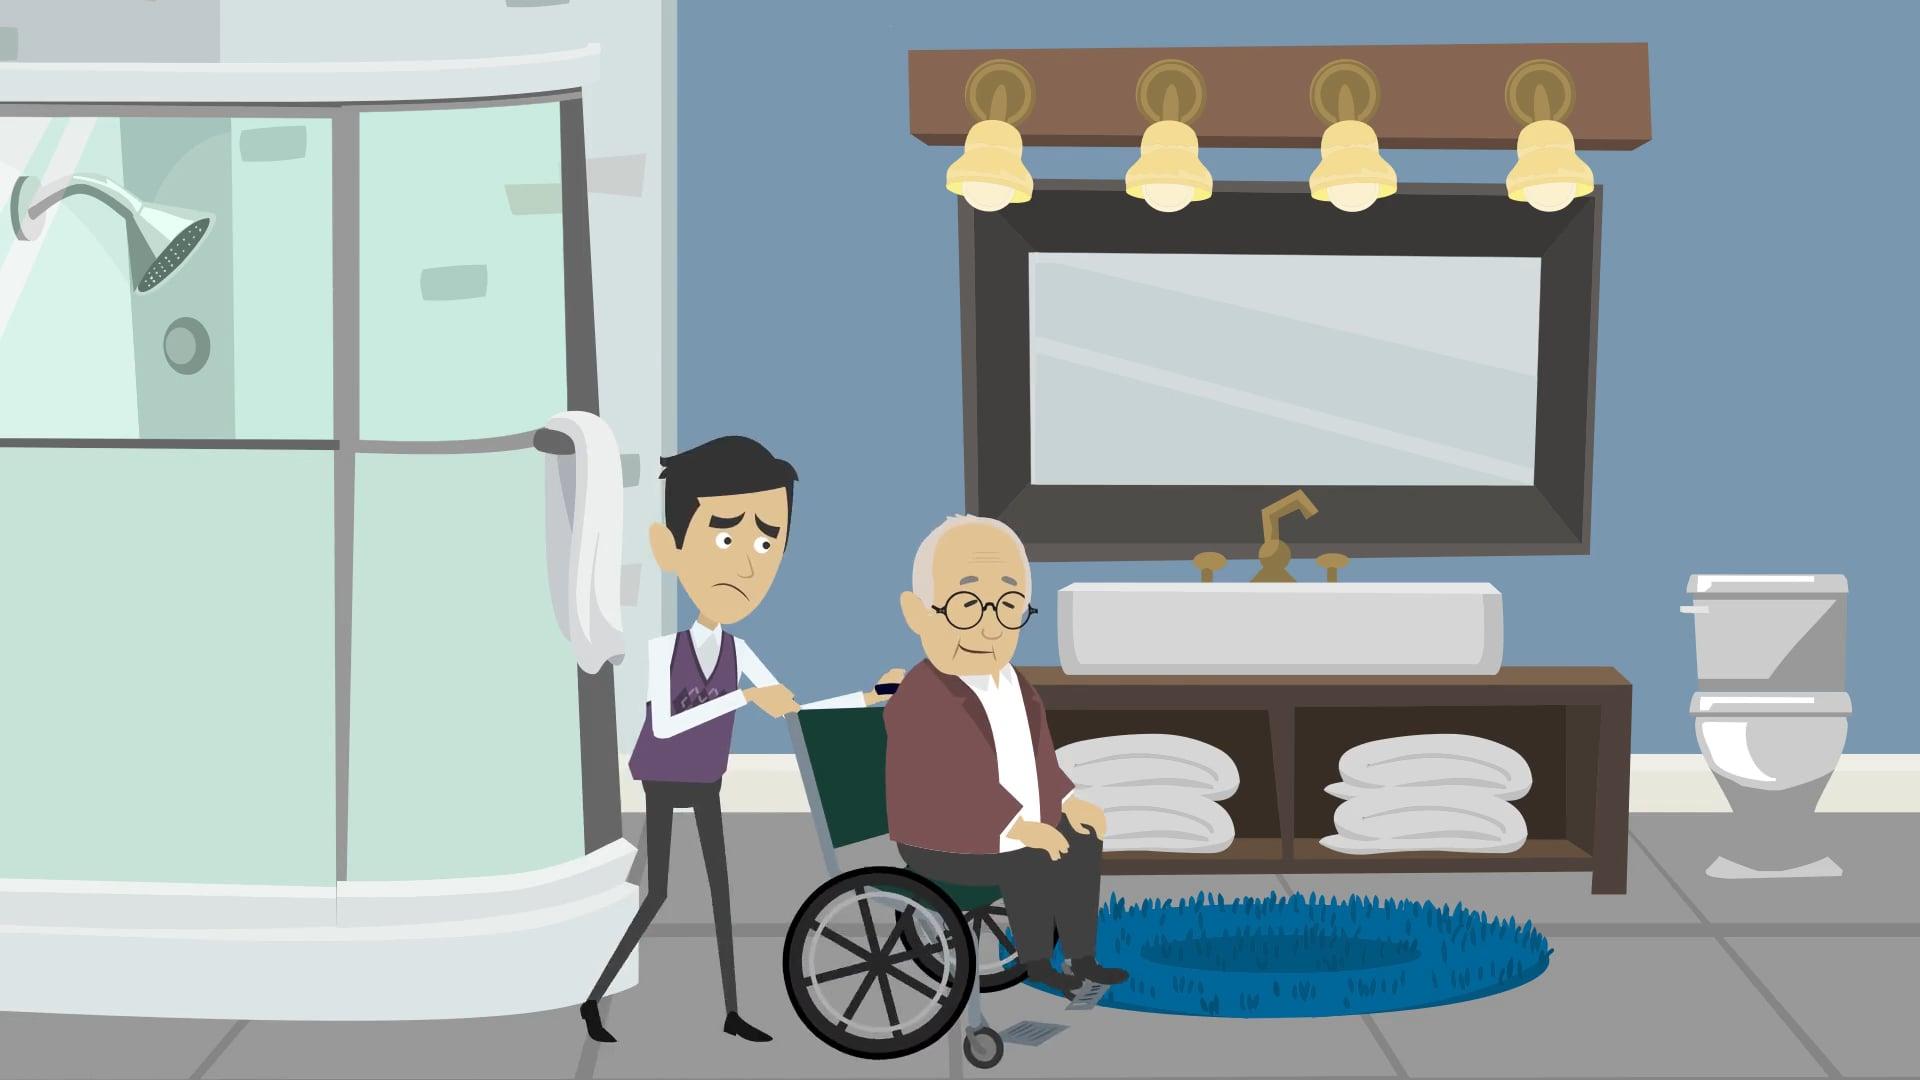 Elder Care Video in the UK